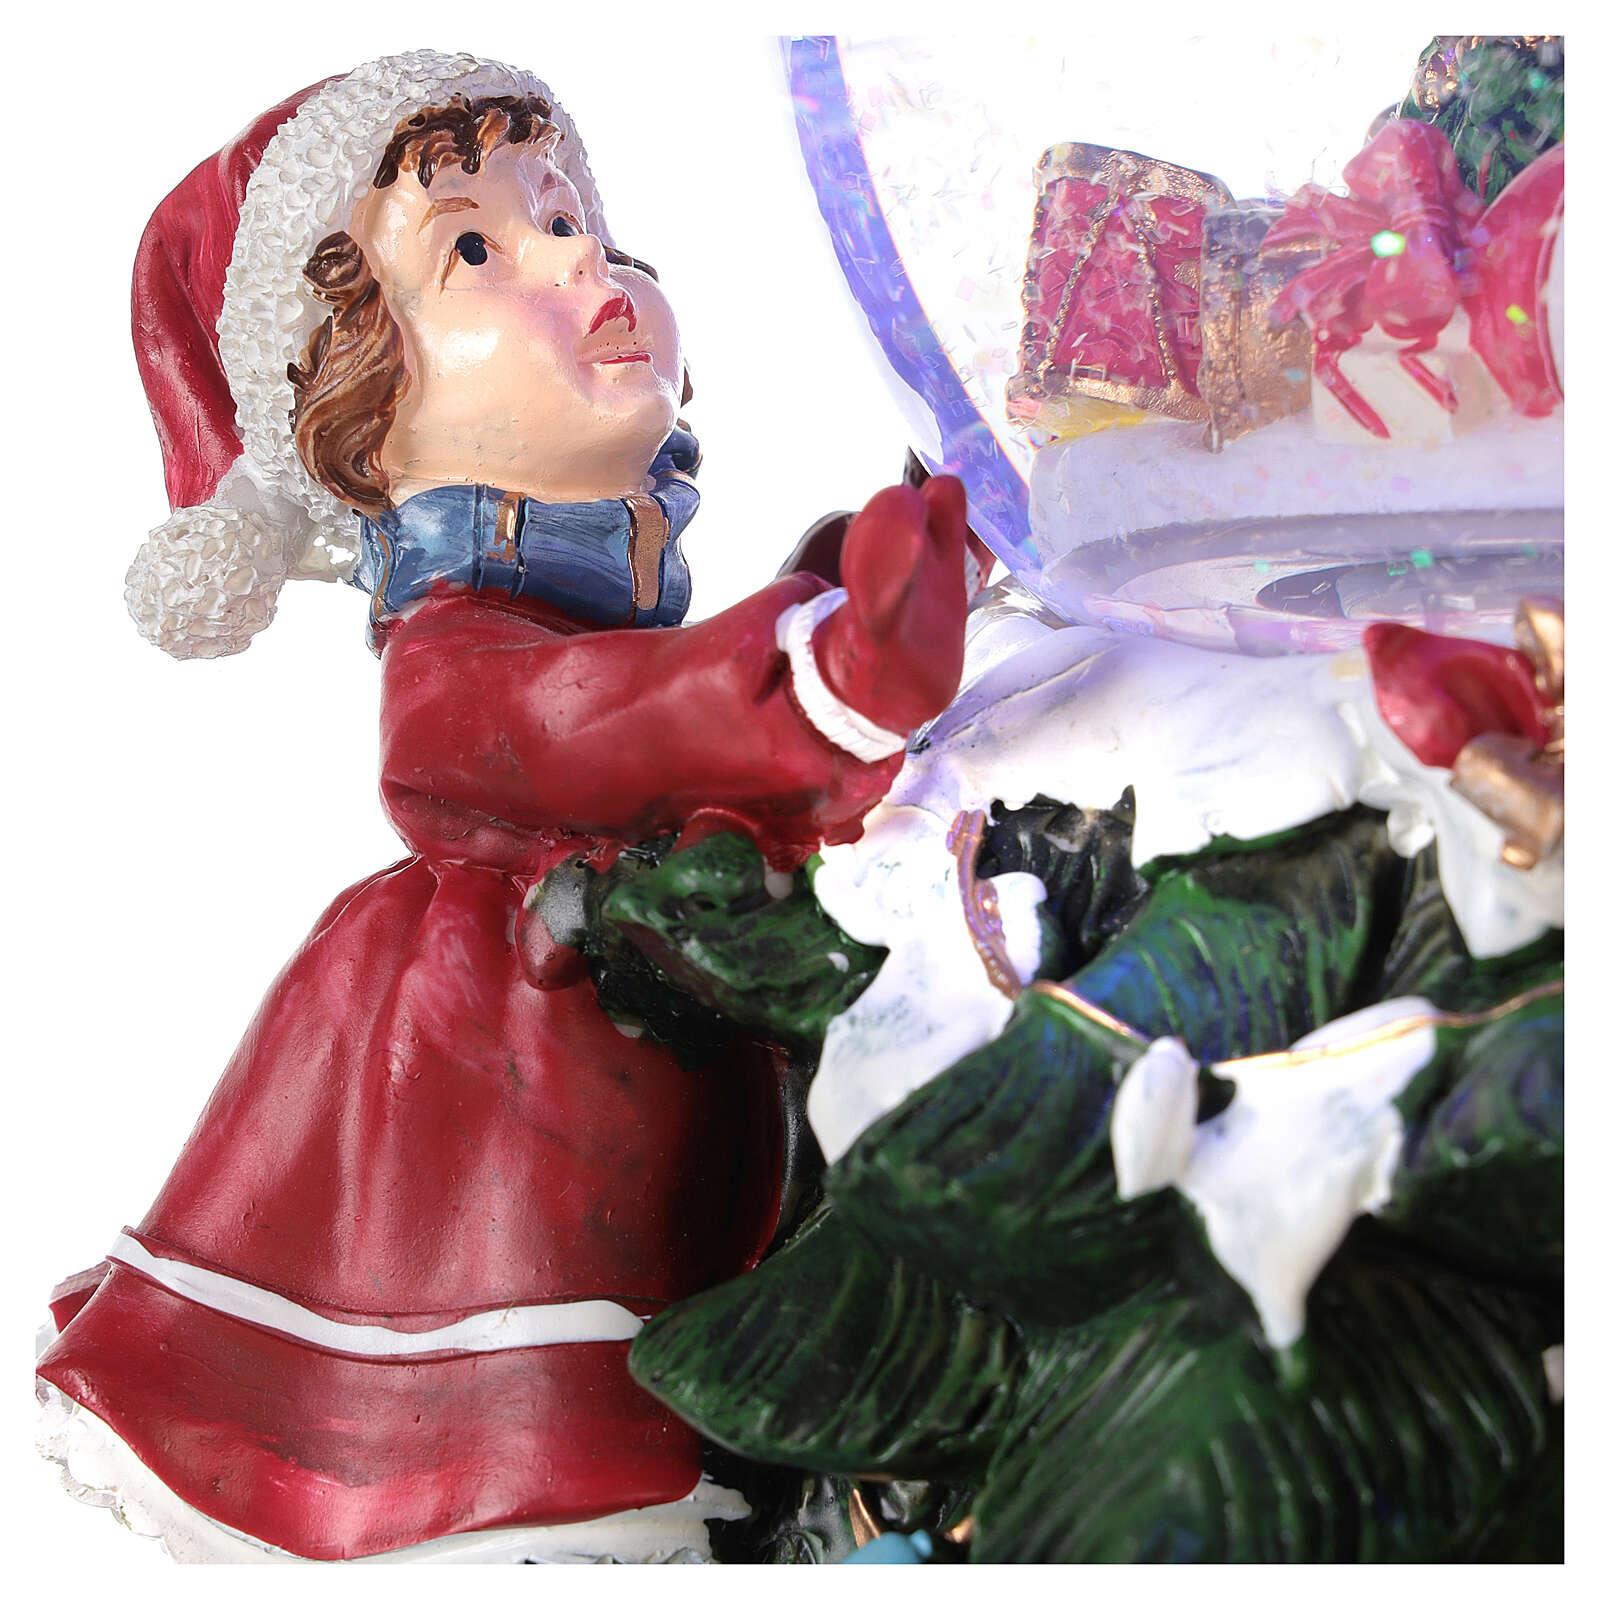 Boule en verre neige paillettes enfants sapin lumières et musique 20x20x20 cm 3